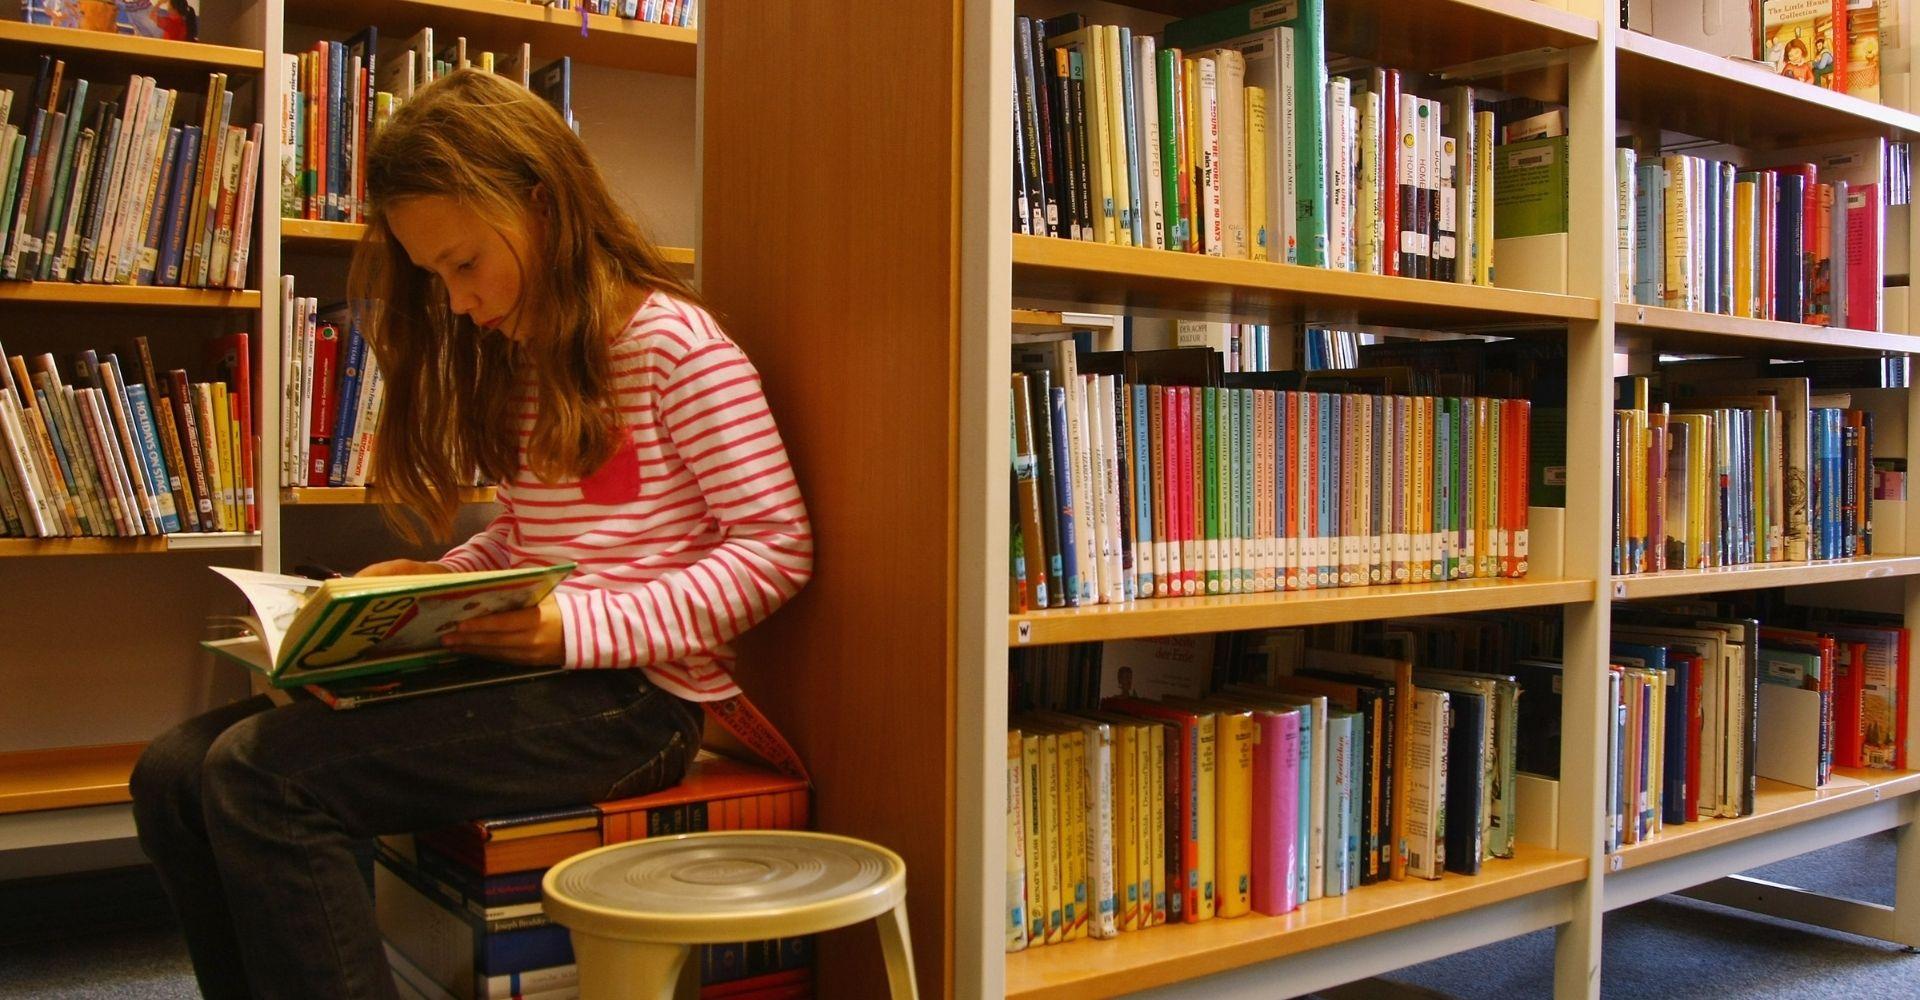 Una ragazzina legge un libro seduta su uno sgabello in una libreria